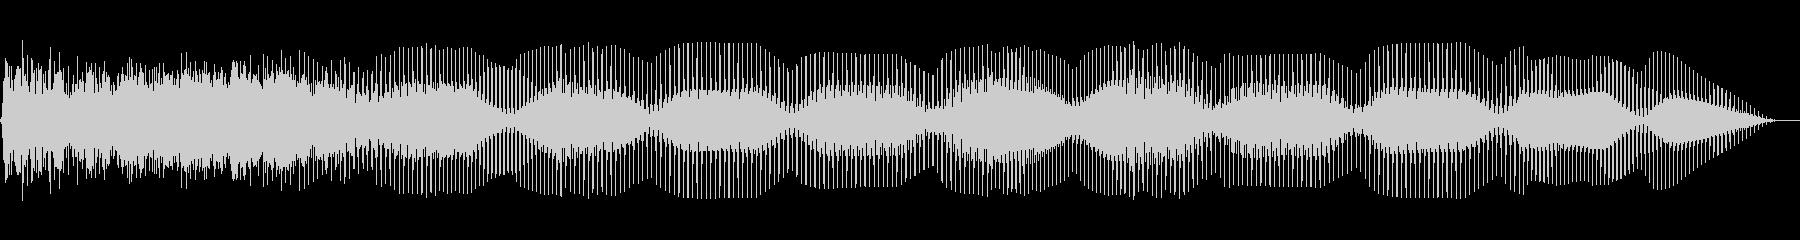 フローリングベースベッドの未再生の波形